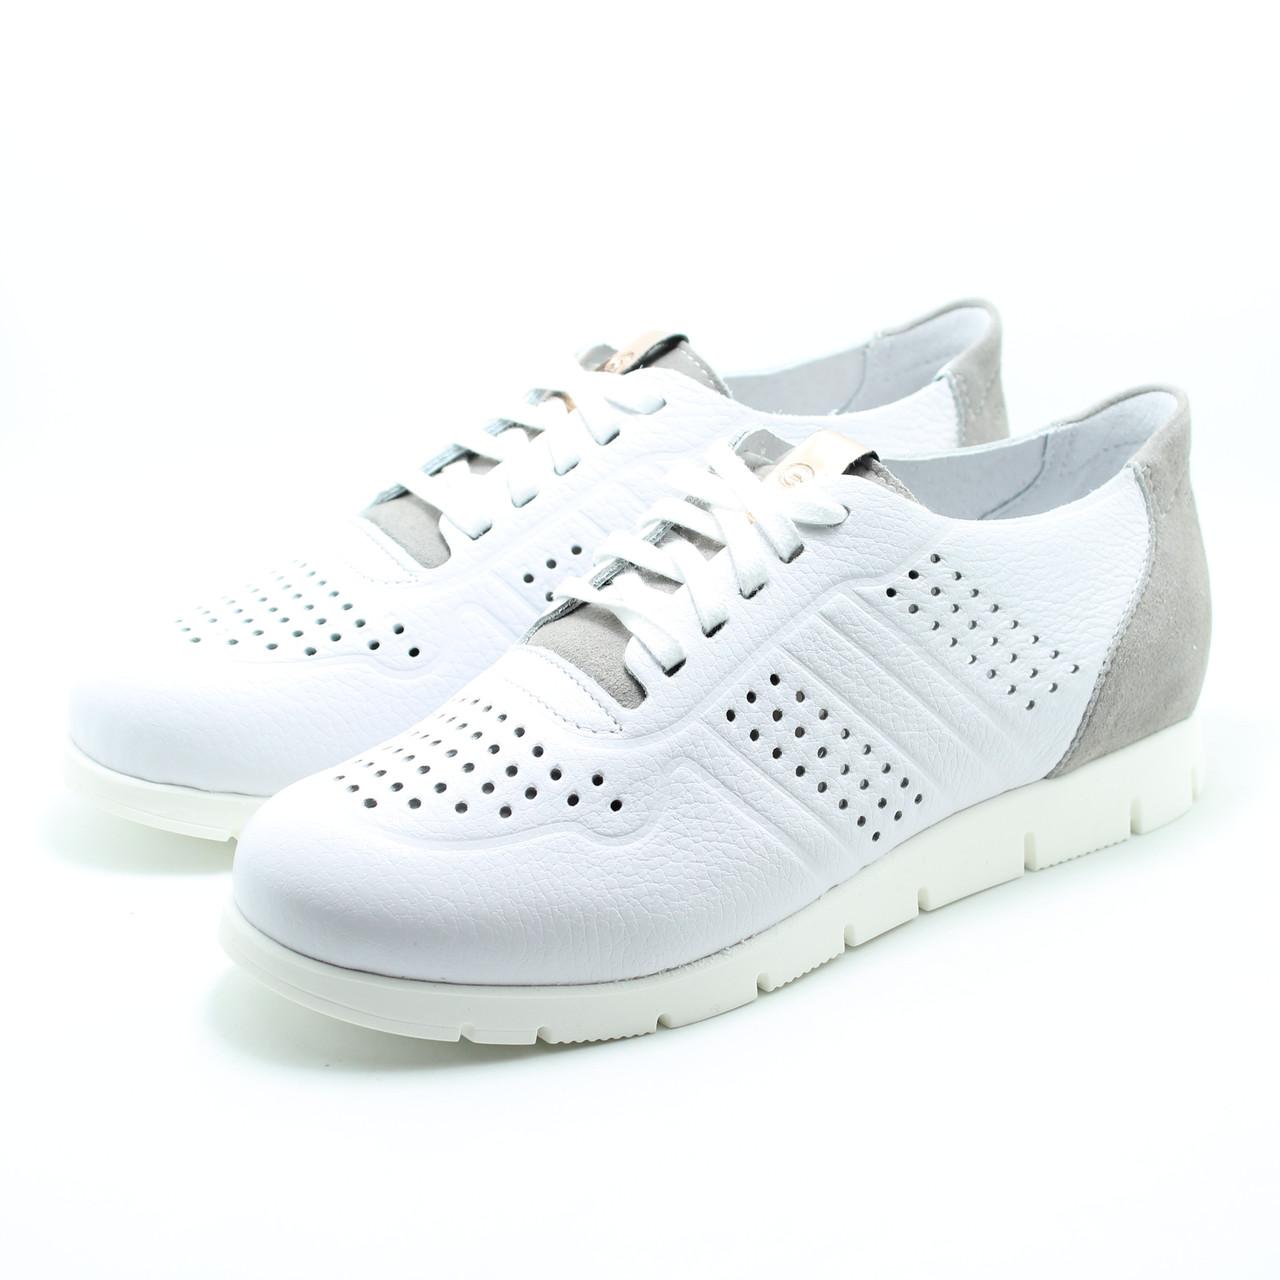 Женские белые кроссовки Giatoma Niccoli 05-0480-01